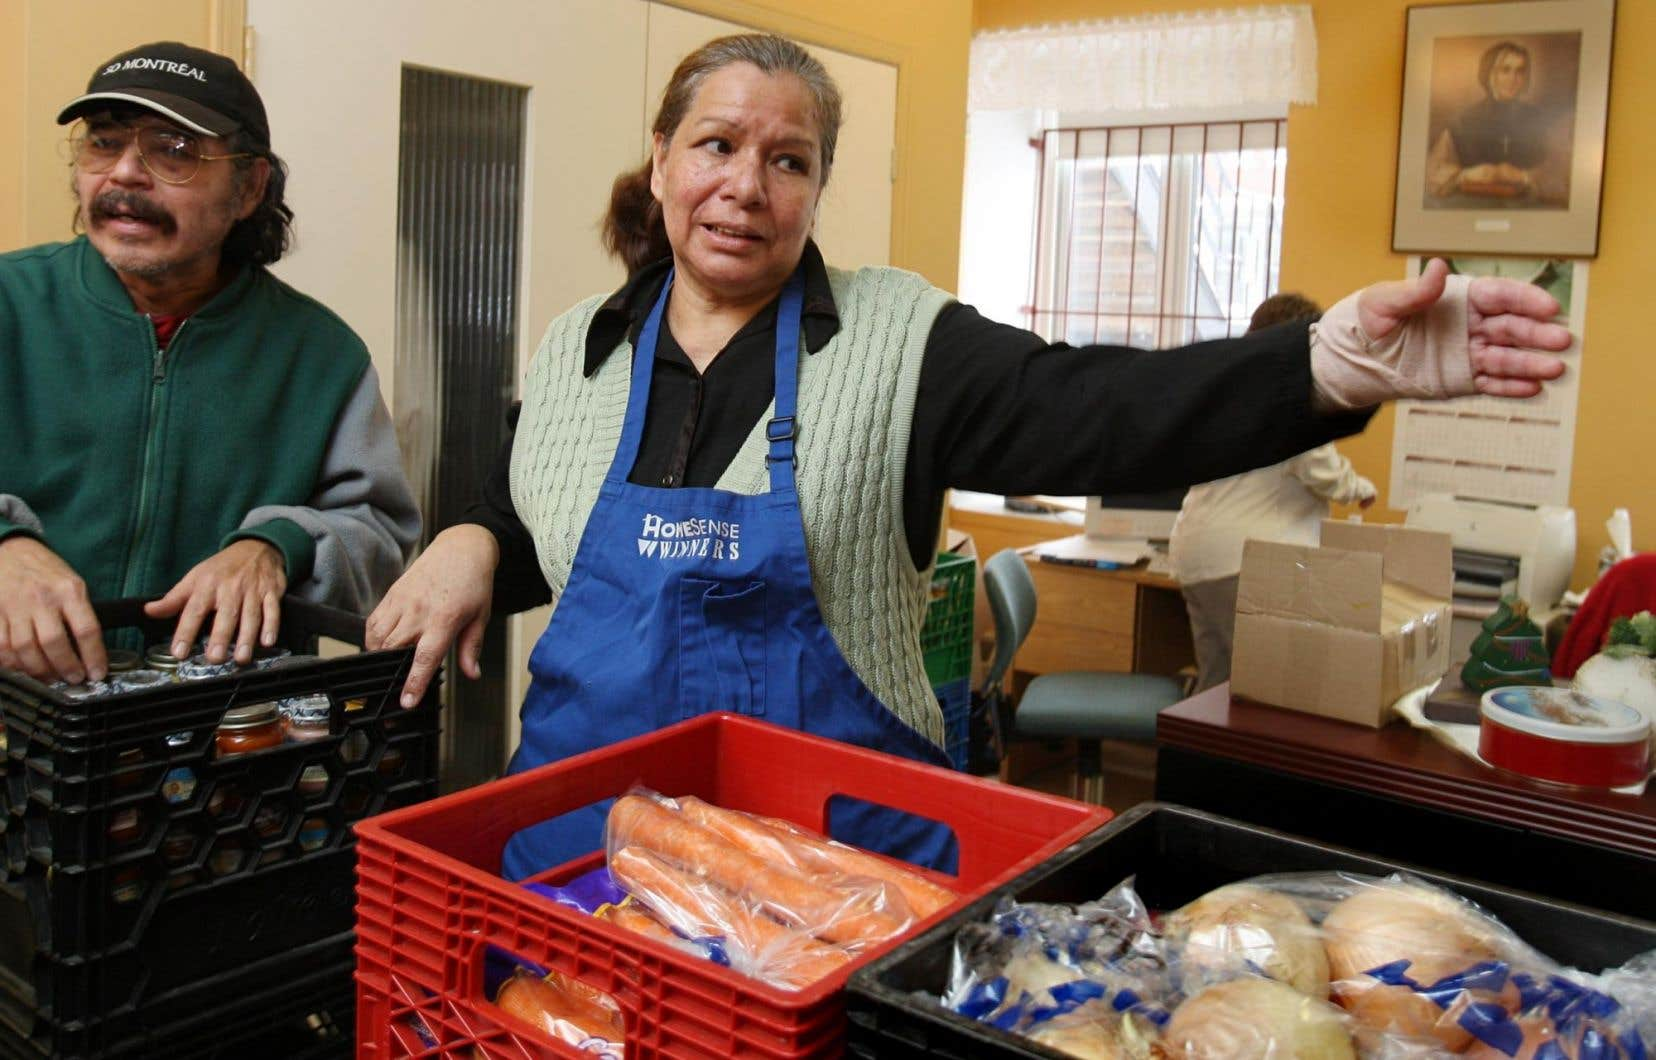 La hausse du prix des aliments fait en sorte que les organismes d'aide reçoivent moins de dons.